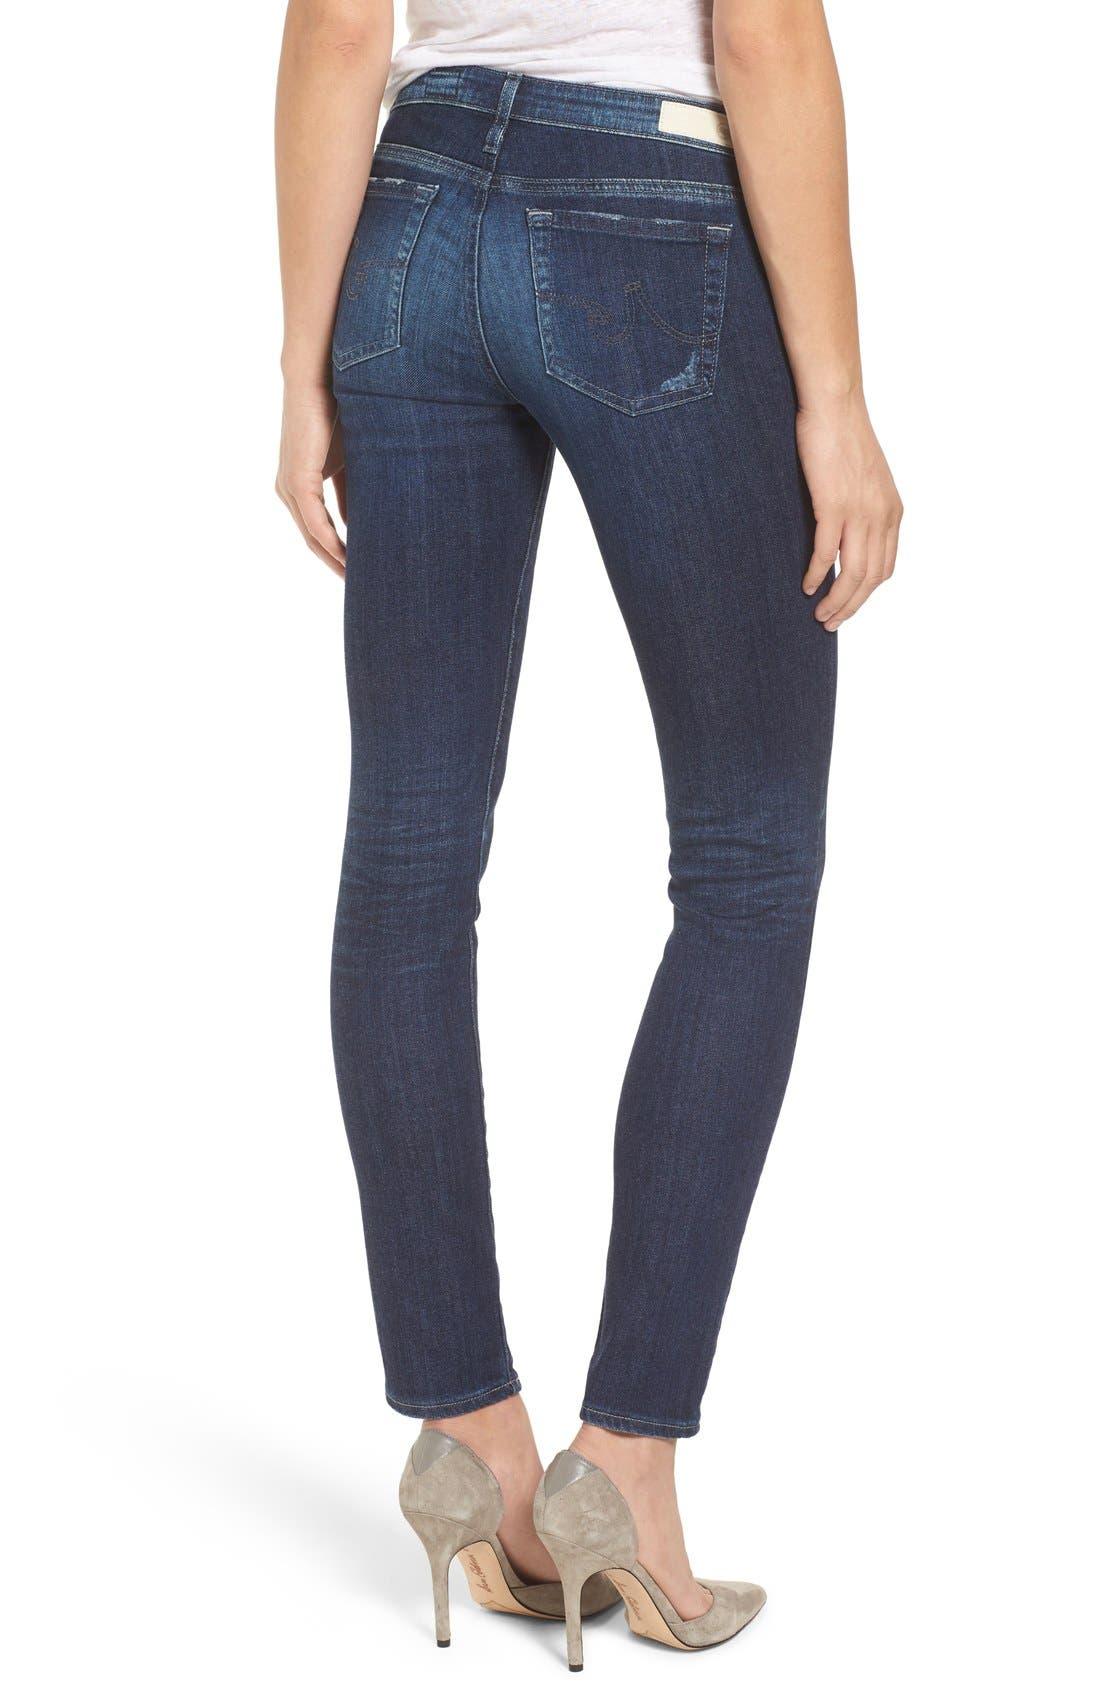 Alternate Image 2  - AG 'The Stilt' Cigarette Leg Jeans (7 Year Ripped)